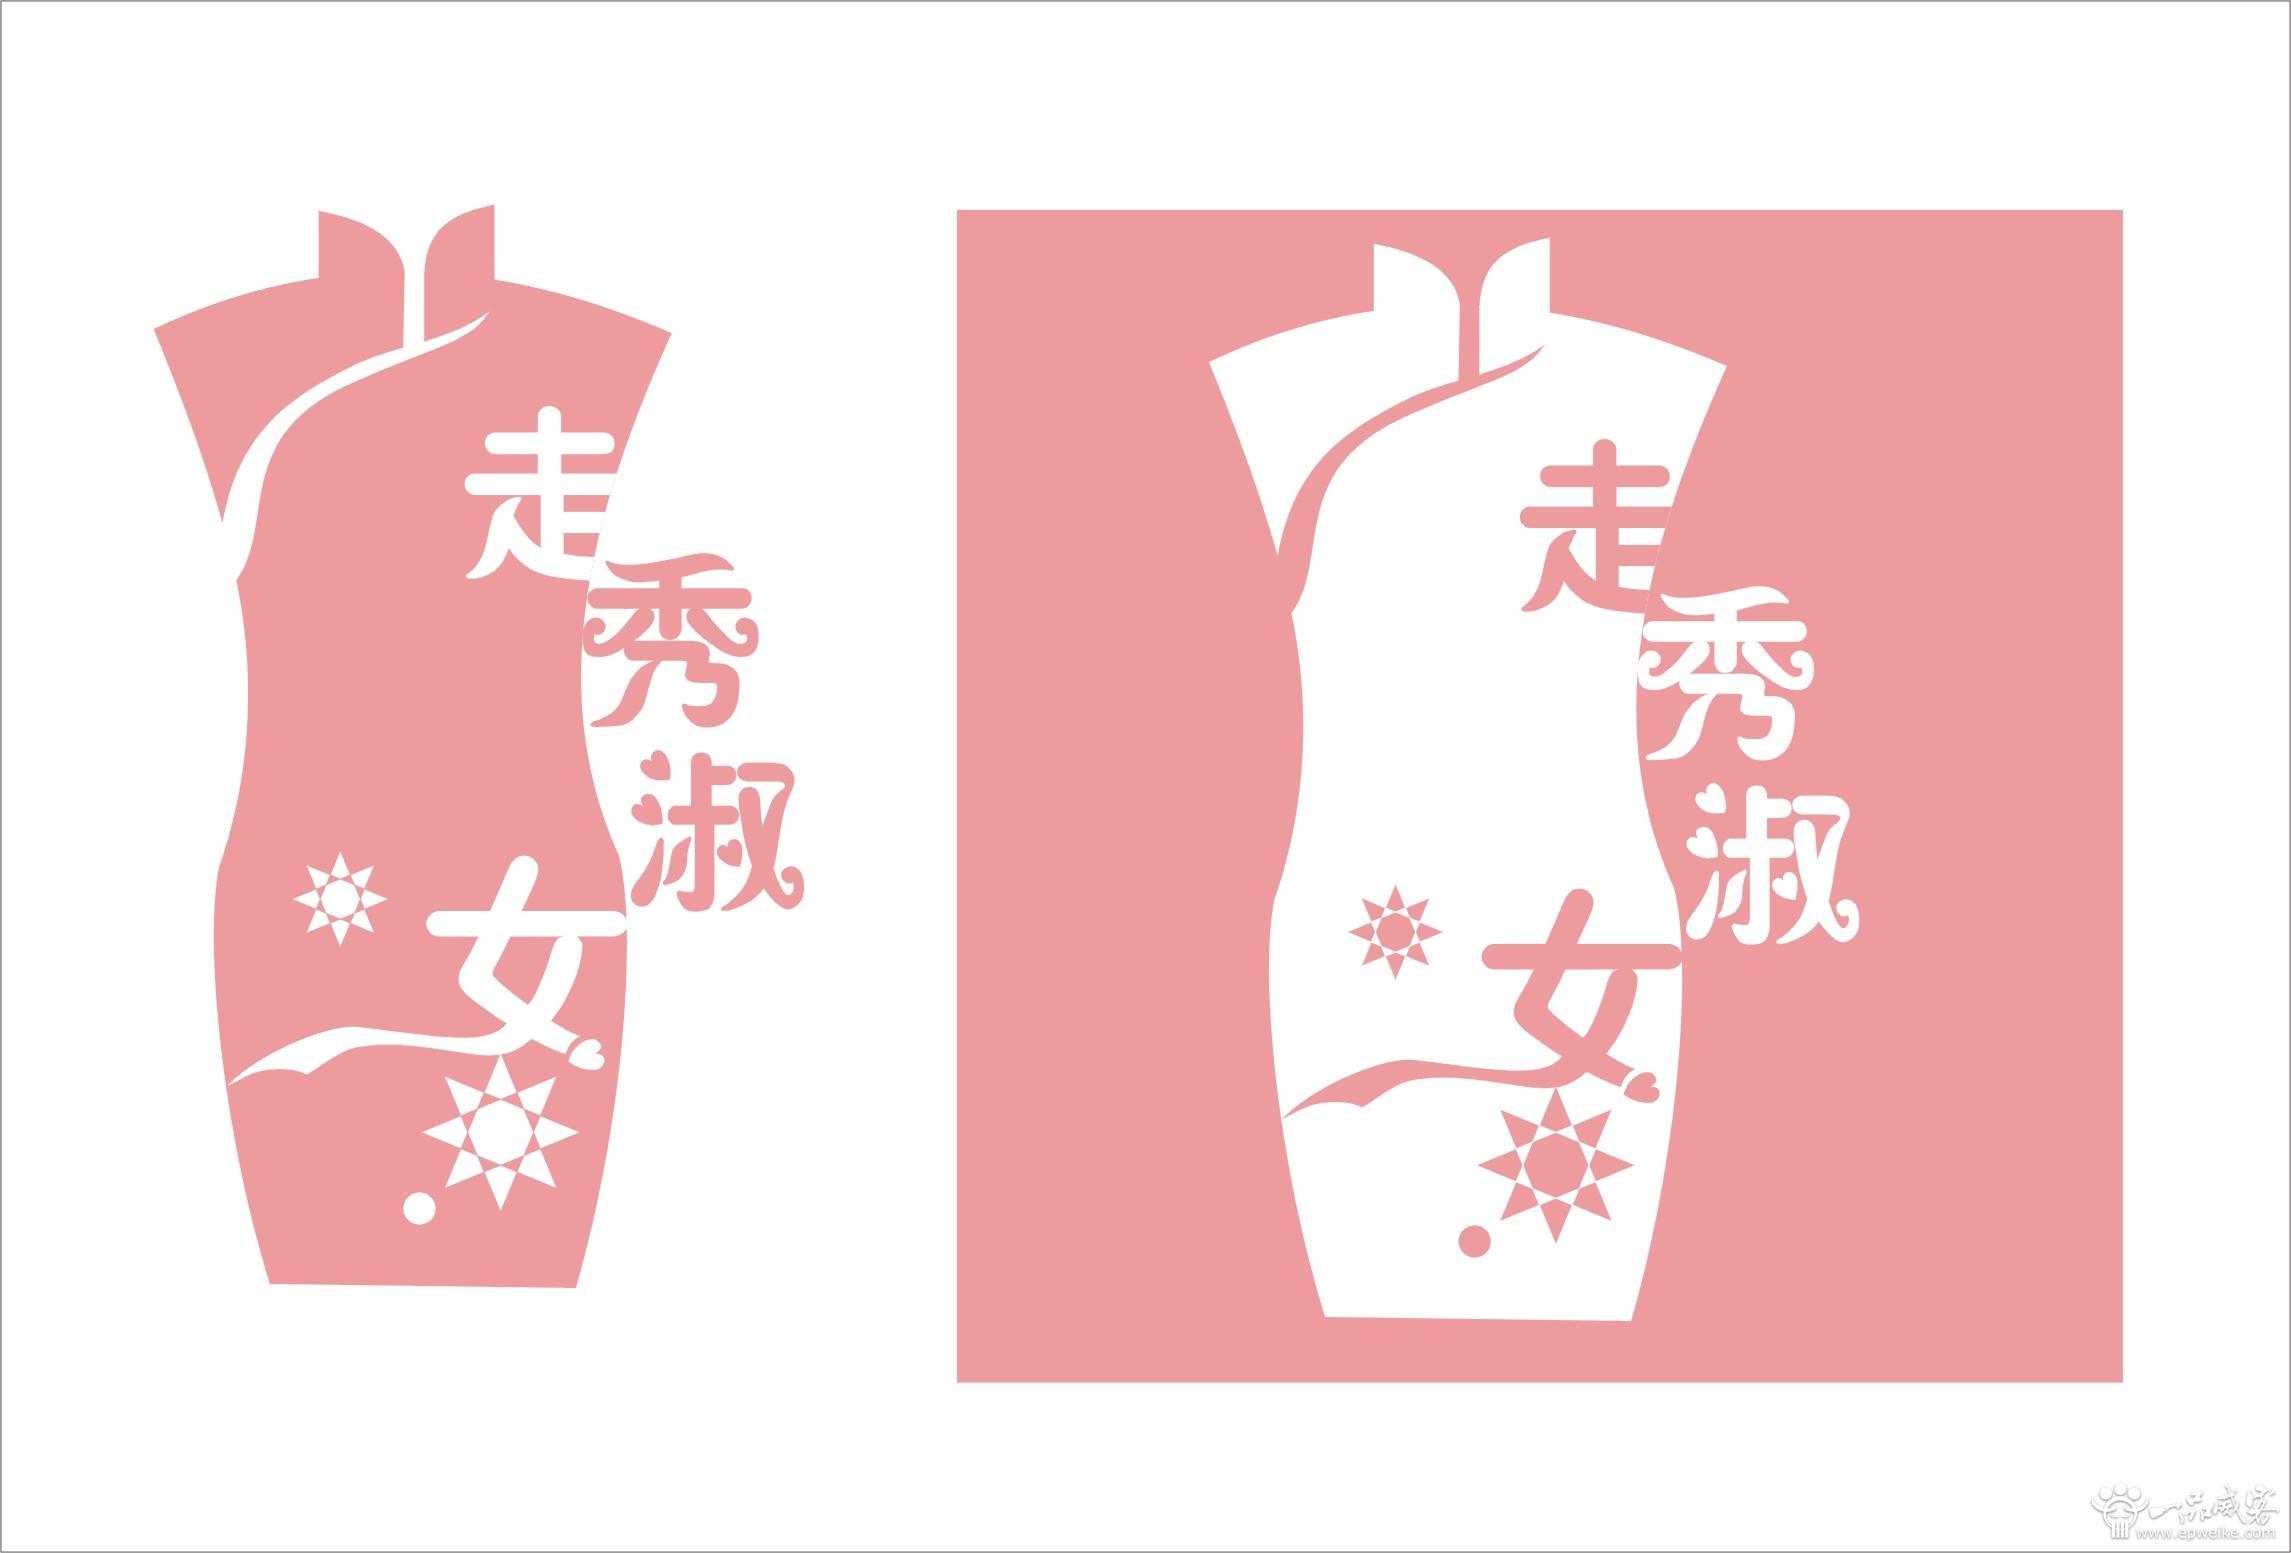 淘宝店标设计制作有哪些分类 淘宝店标设计制作的类型